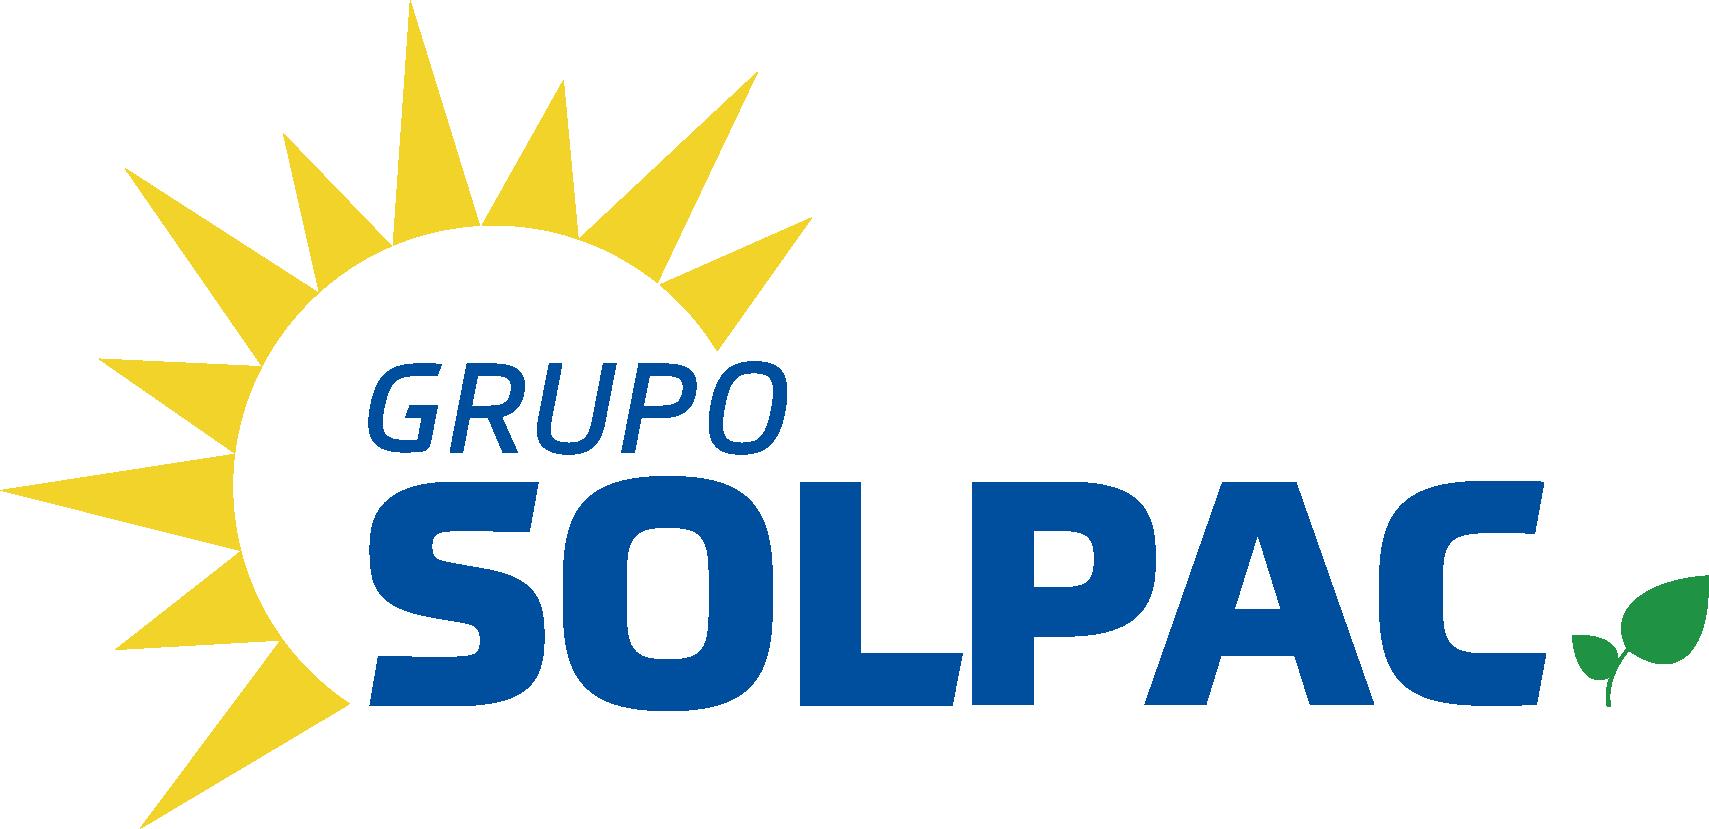 Grupo Solpac: https://gruposolpac.com.br/